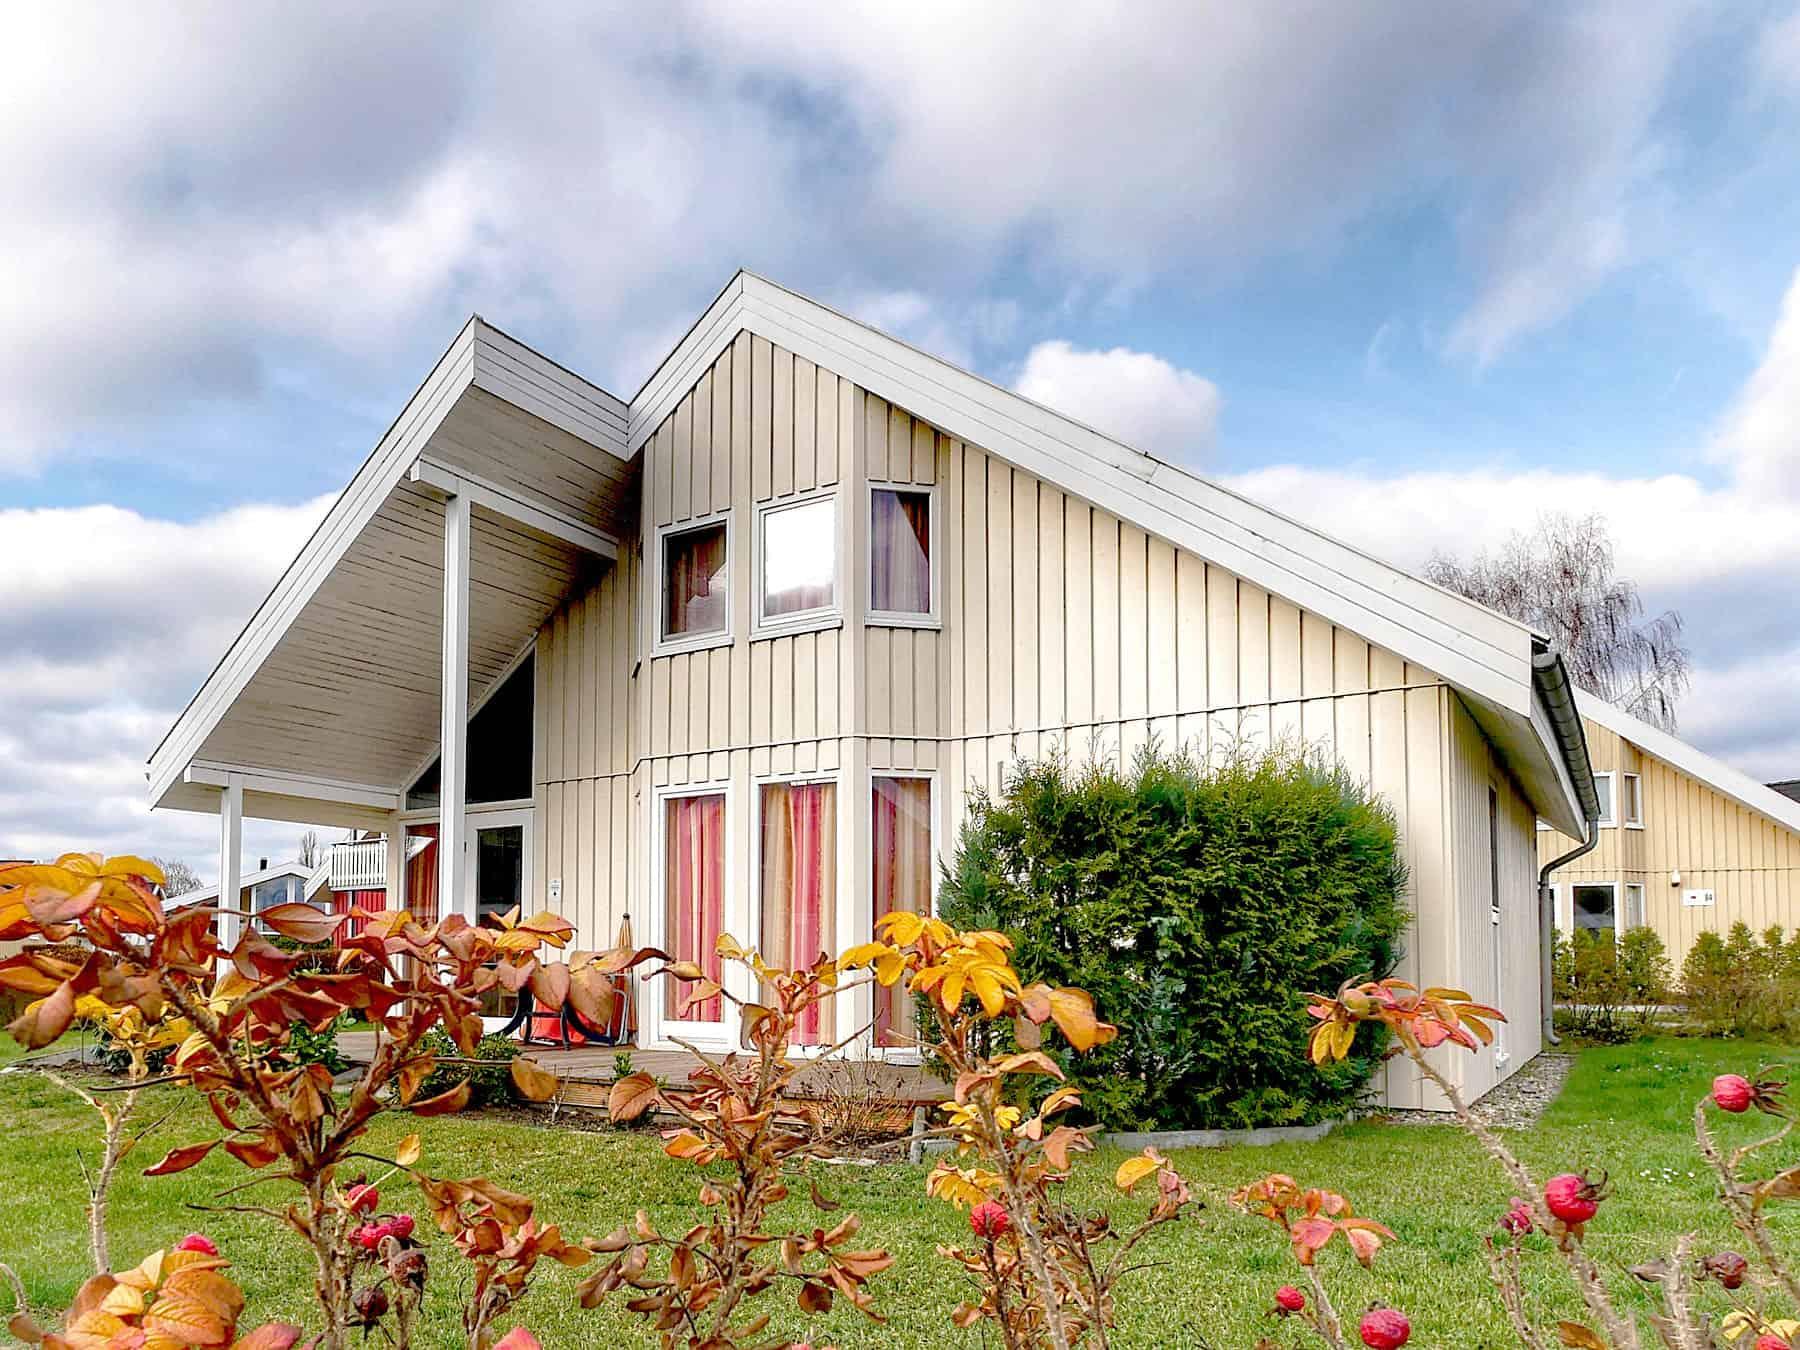 Ferienhaus Seeperle mit Whirlpool inkl. Nebenkosten in Wendisch Rietz